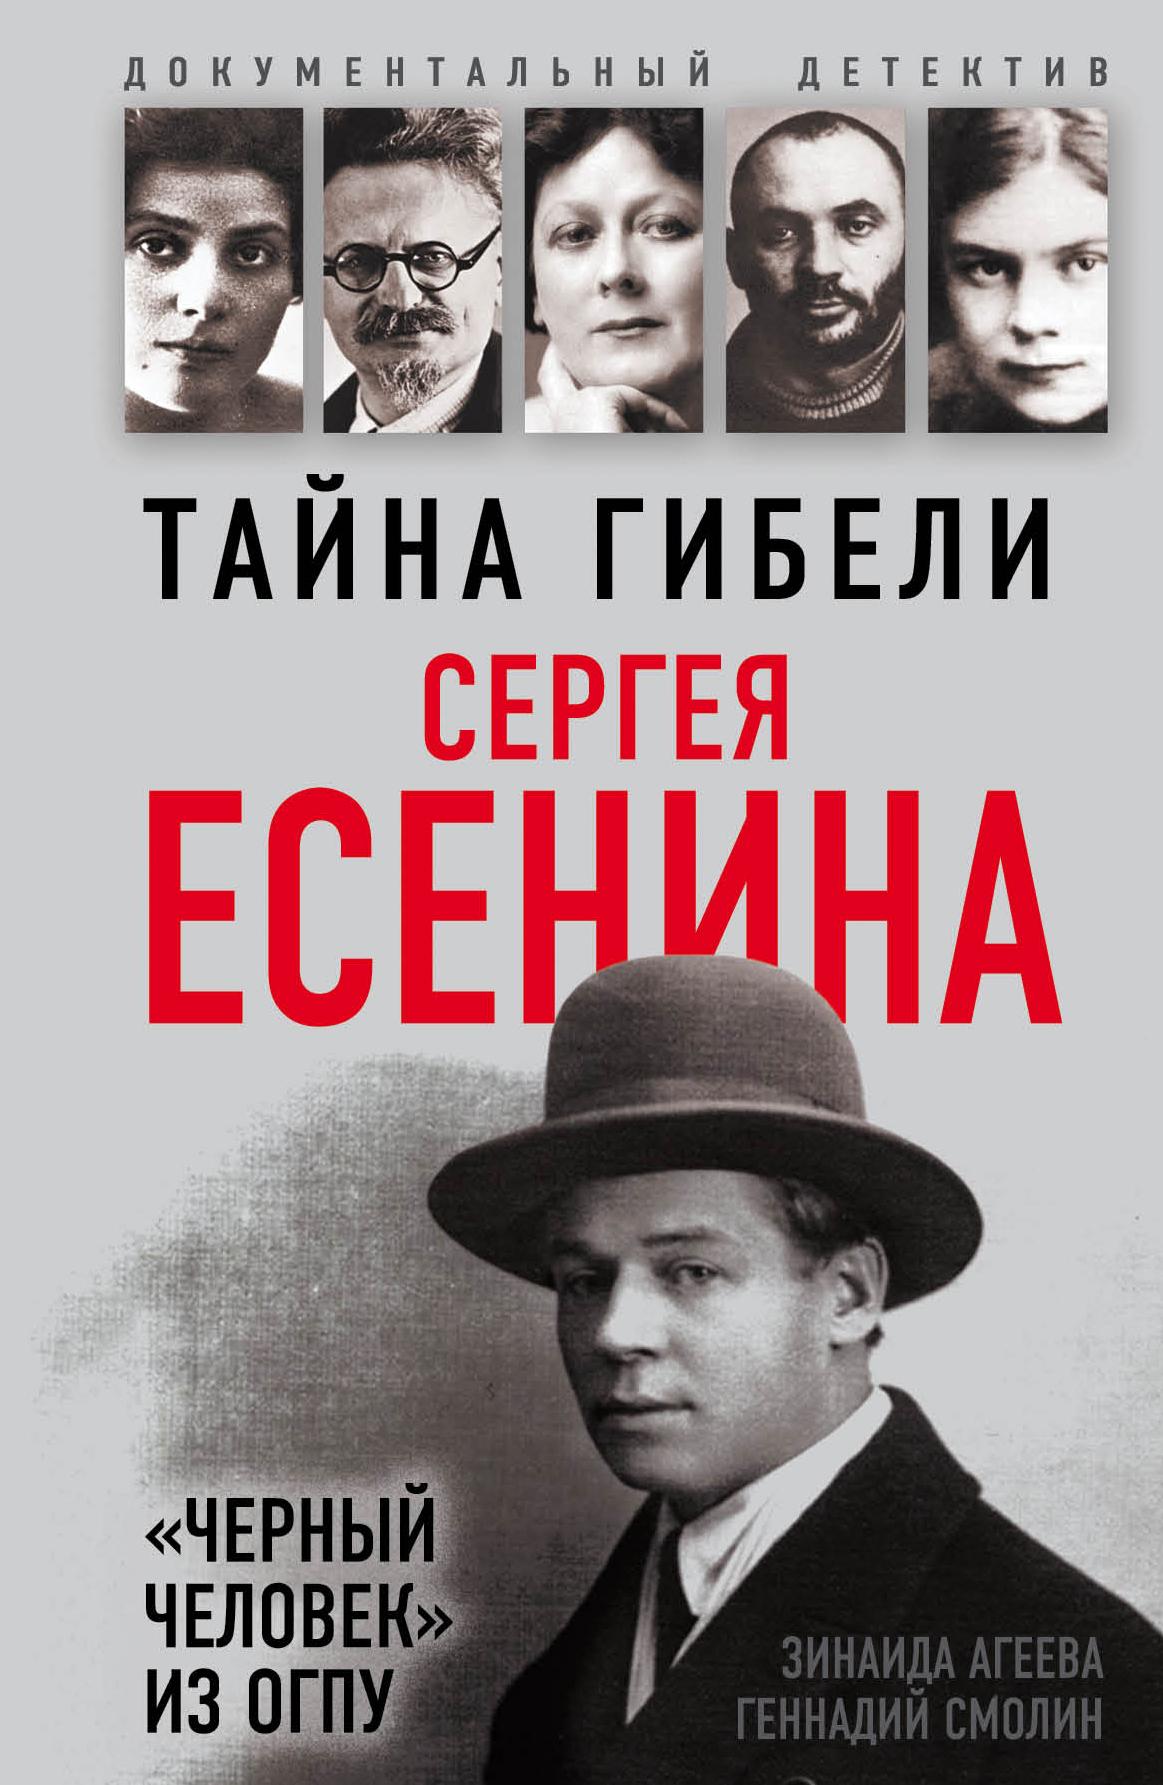 Тайна гибели Сергея Есенина. «Черный человек» из ОГПУ